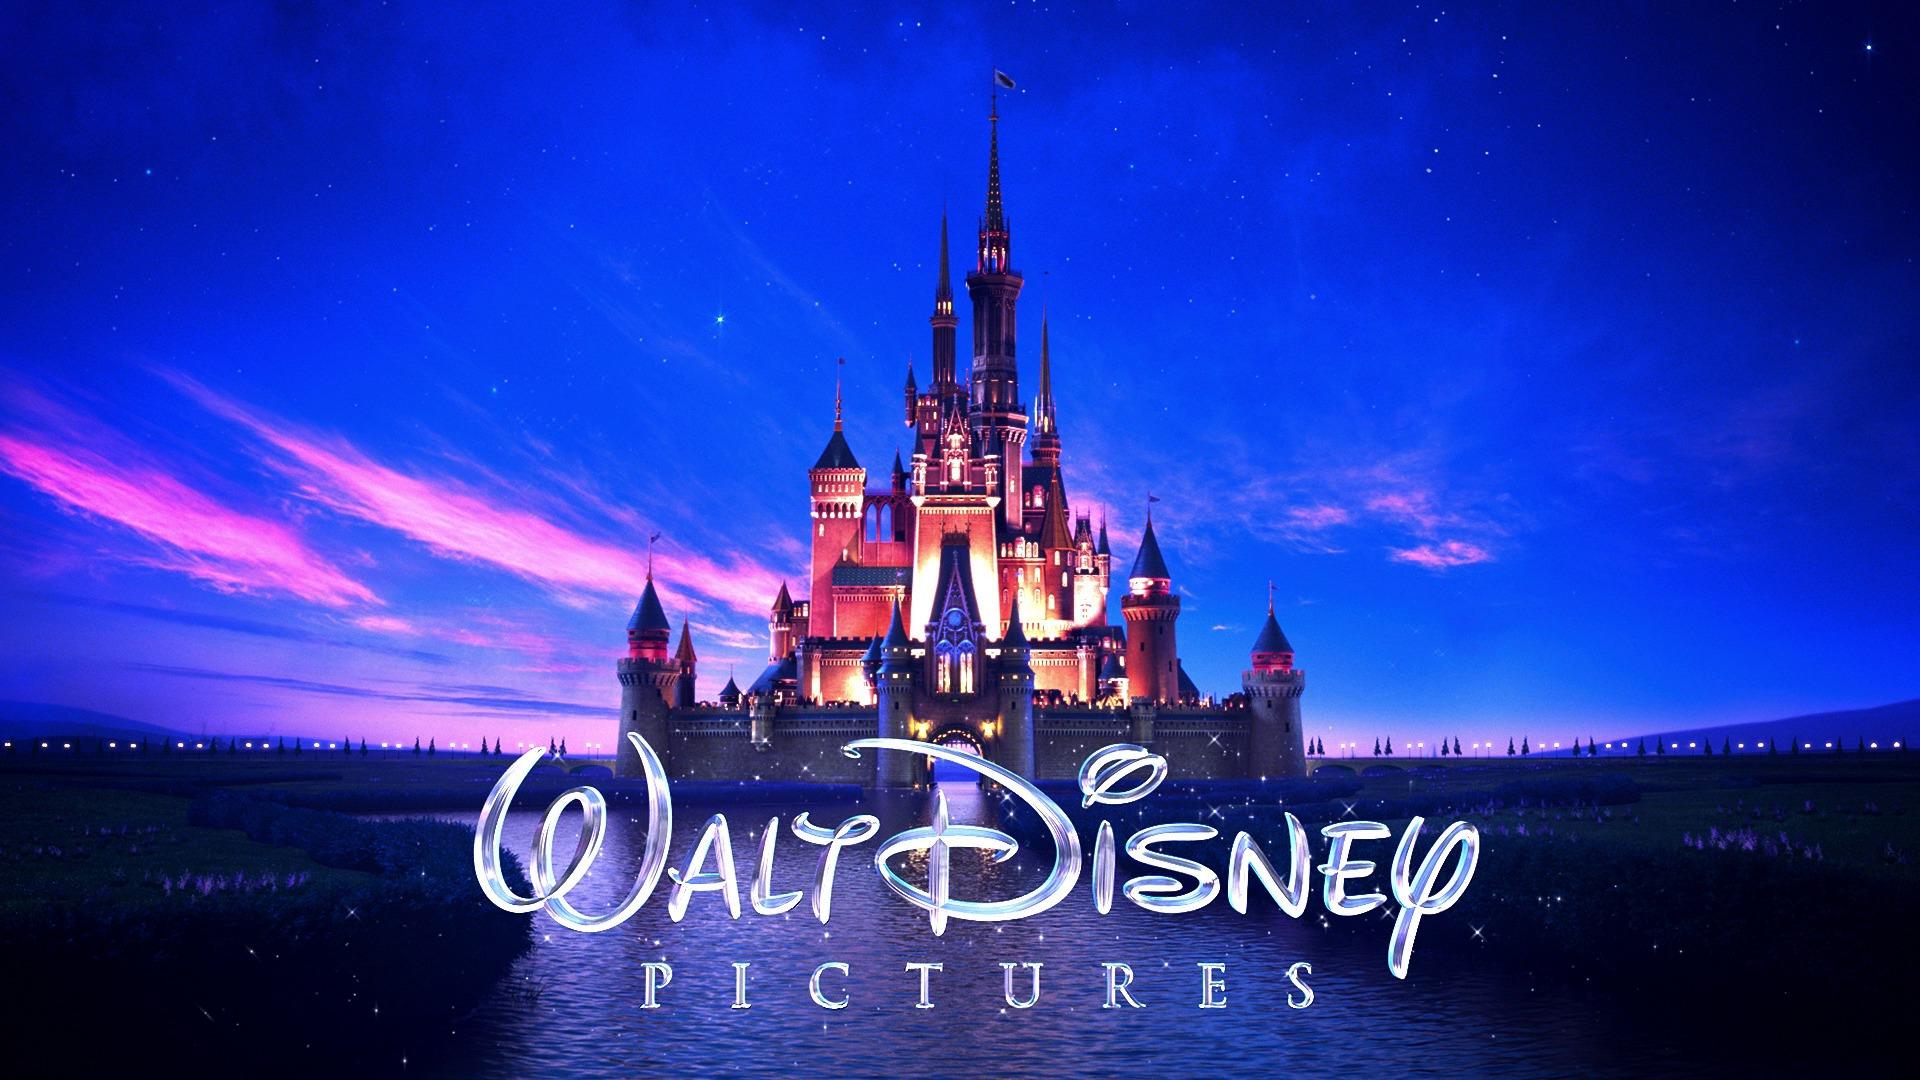 Wallpaper Disney HD Gratuit à Télécharger sur NGN Mag